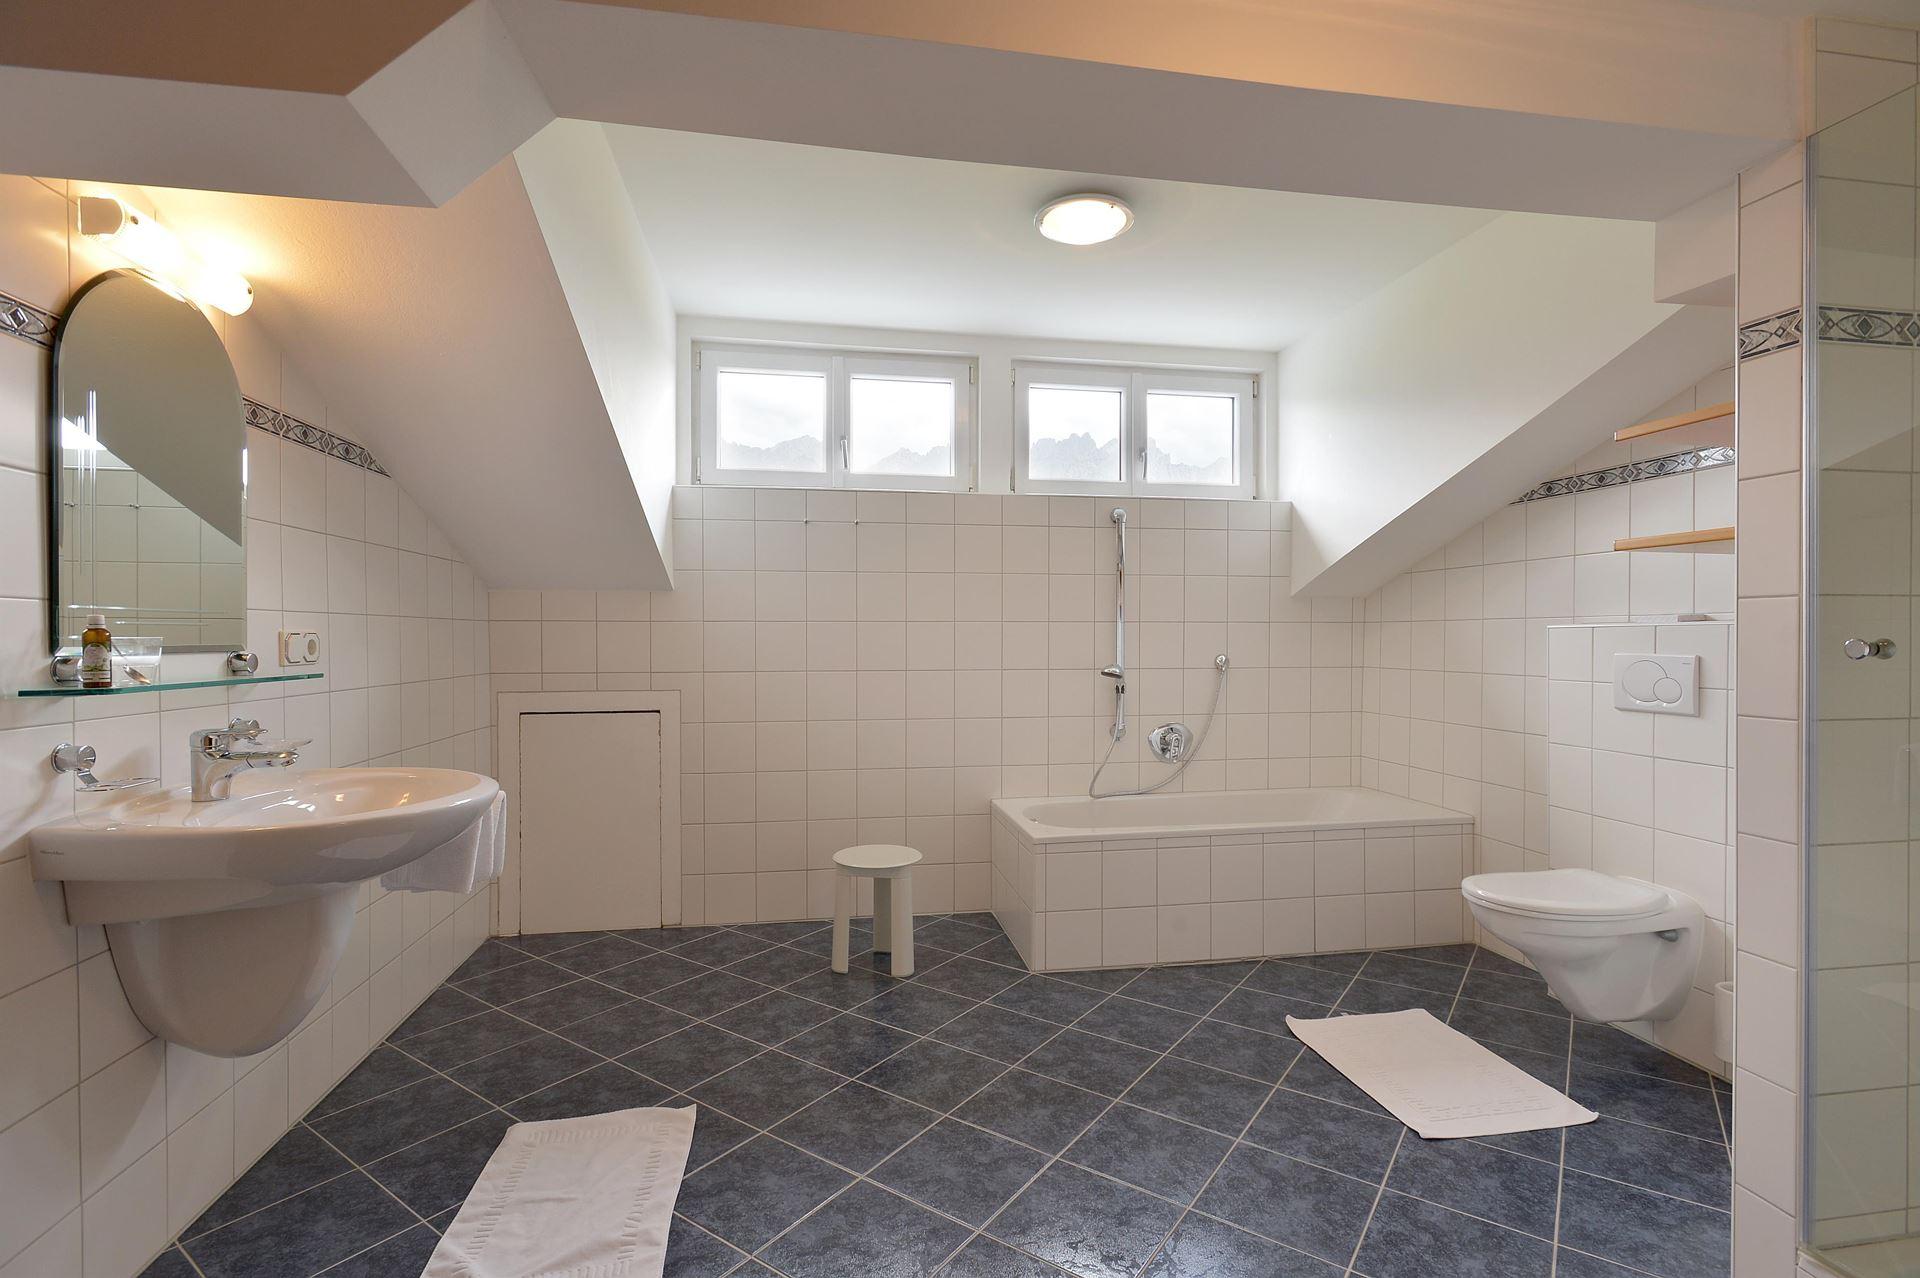 Badezimmer 18. Jahrhundert